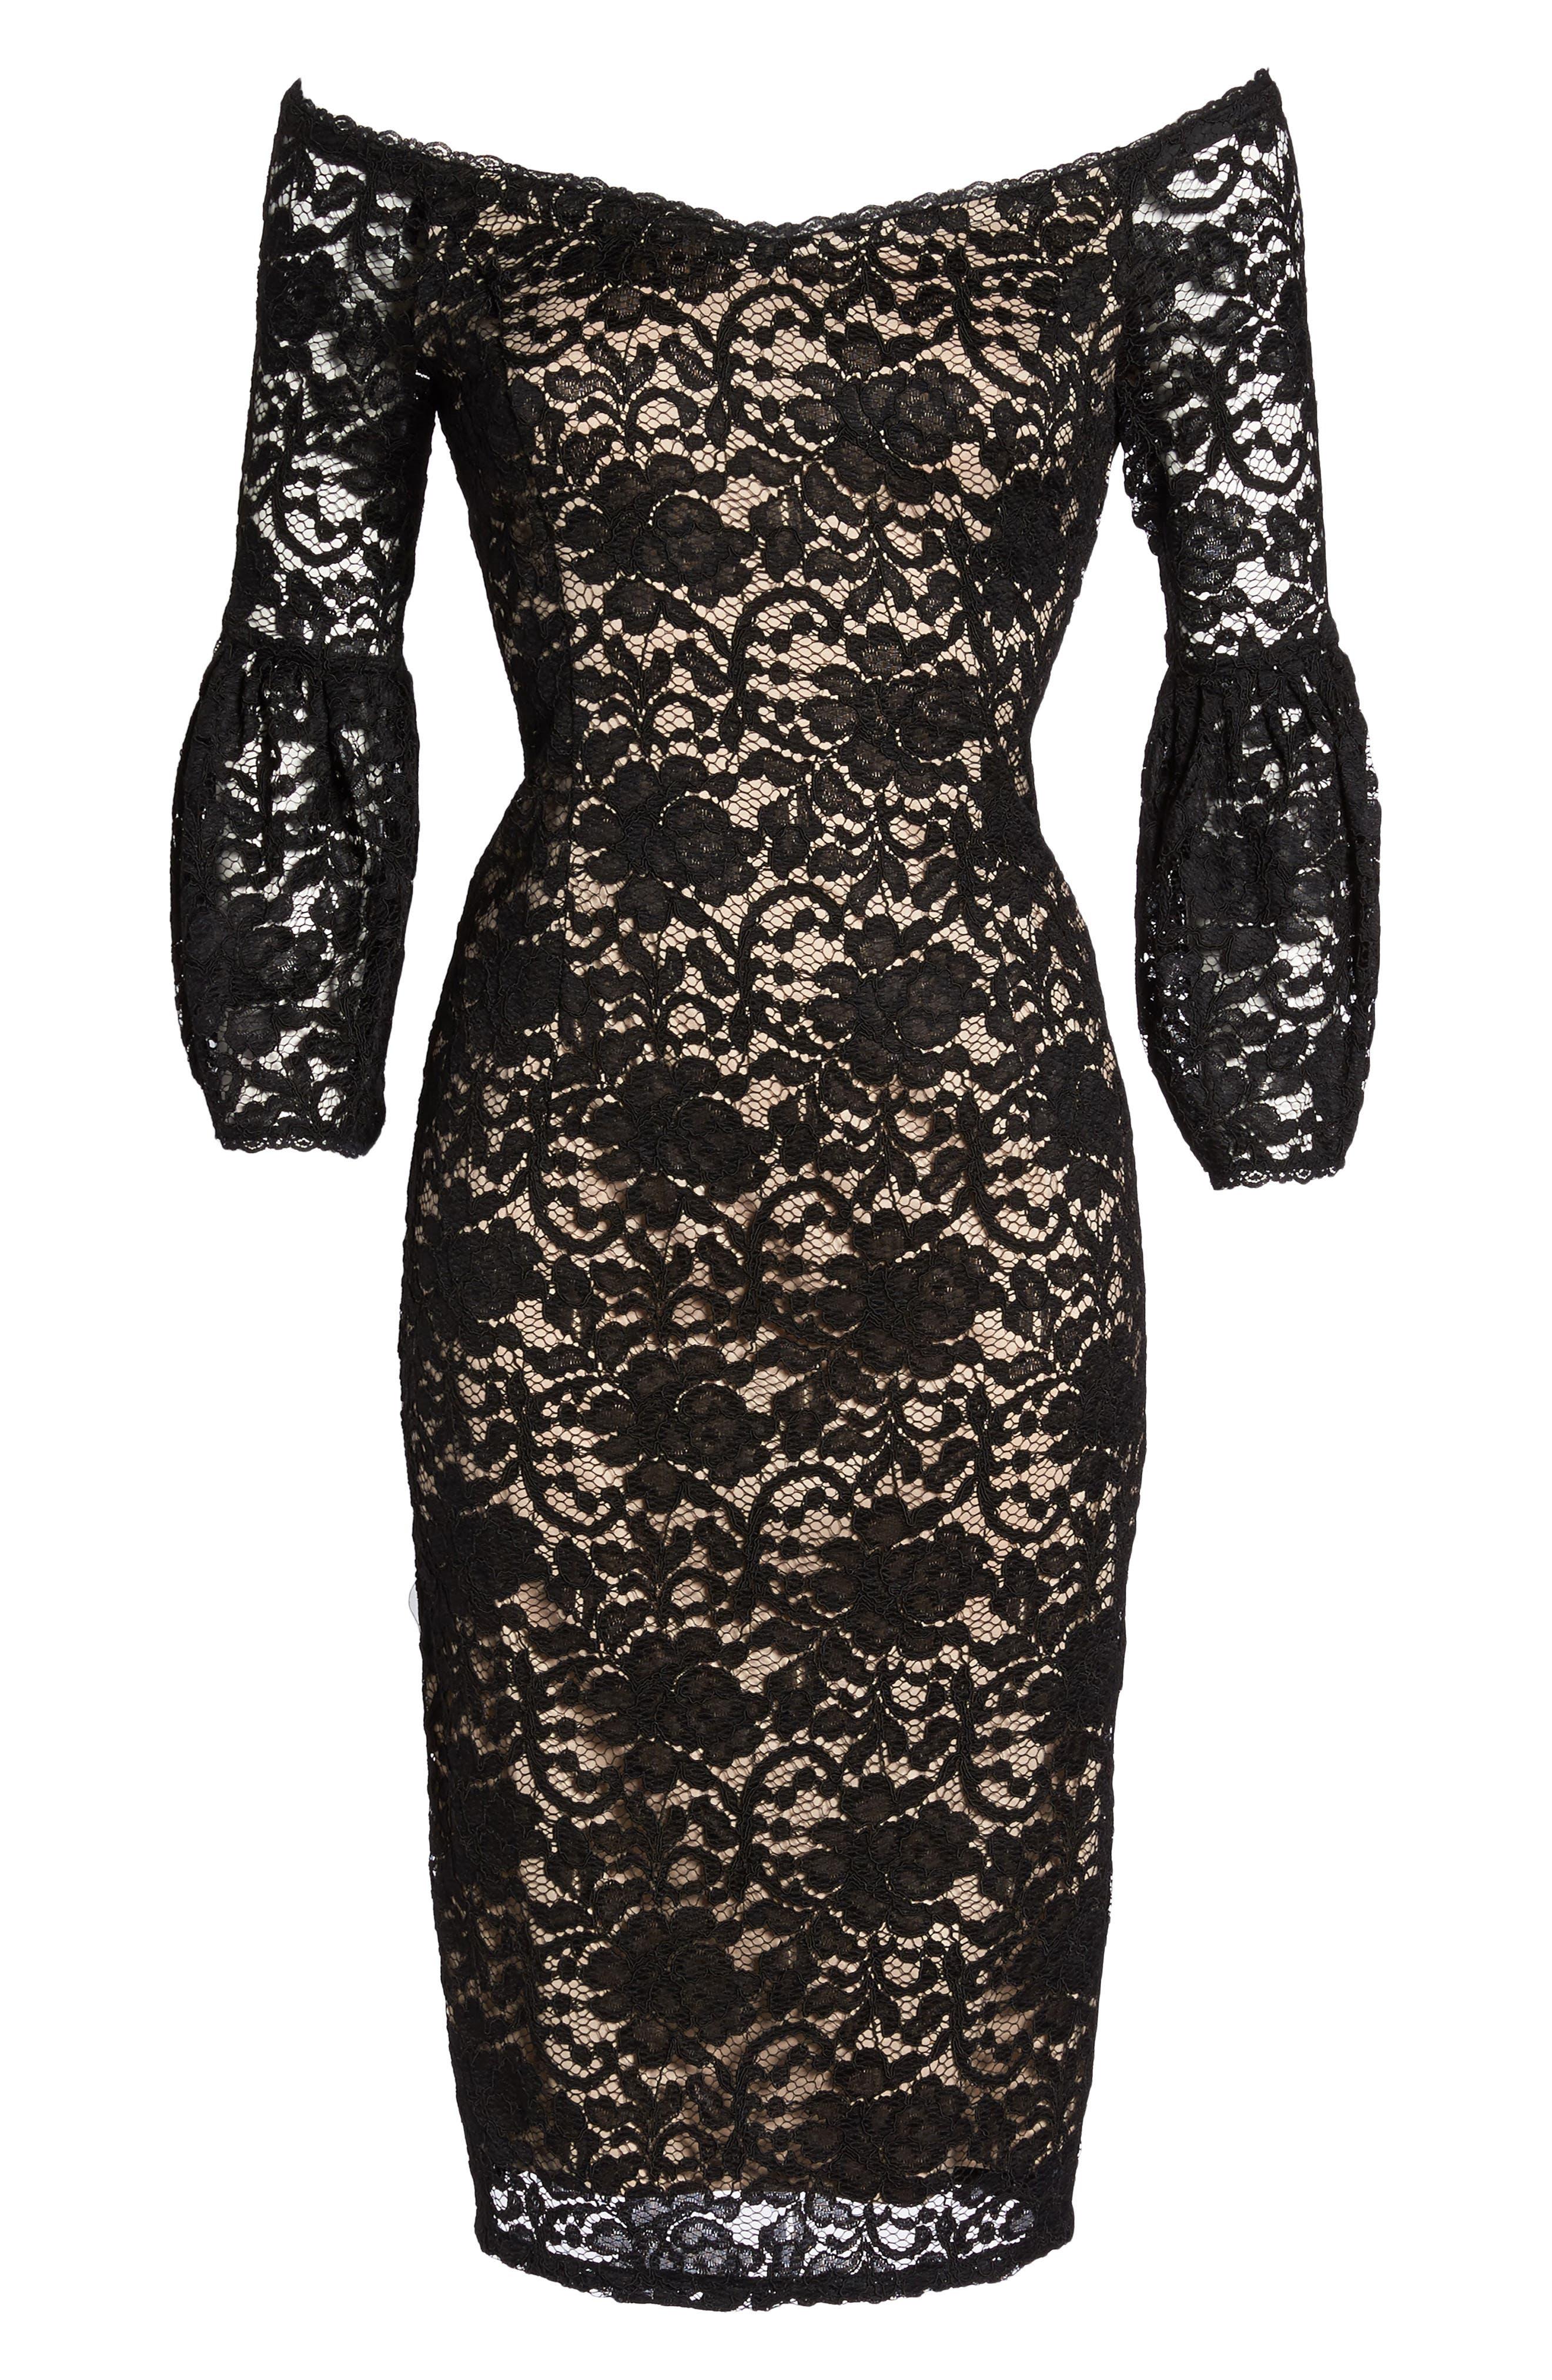 Juliet Lace Off the Shoulder Dress,                             Alternate thumbnail 6, color,                             Black/ Bisque